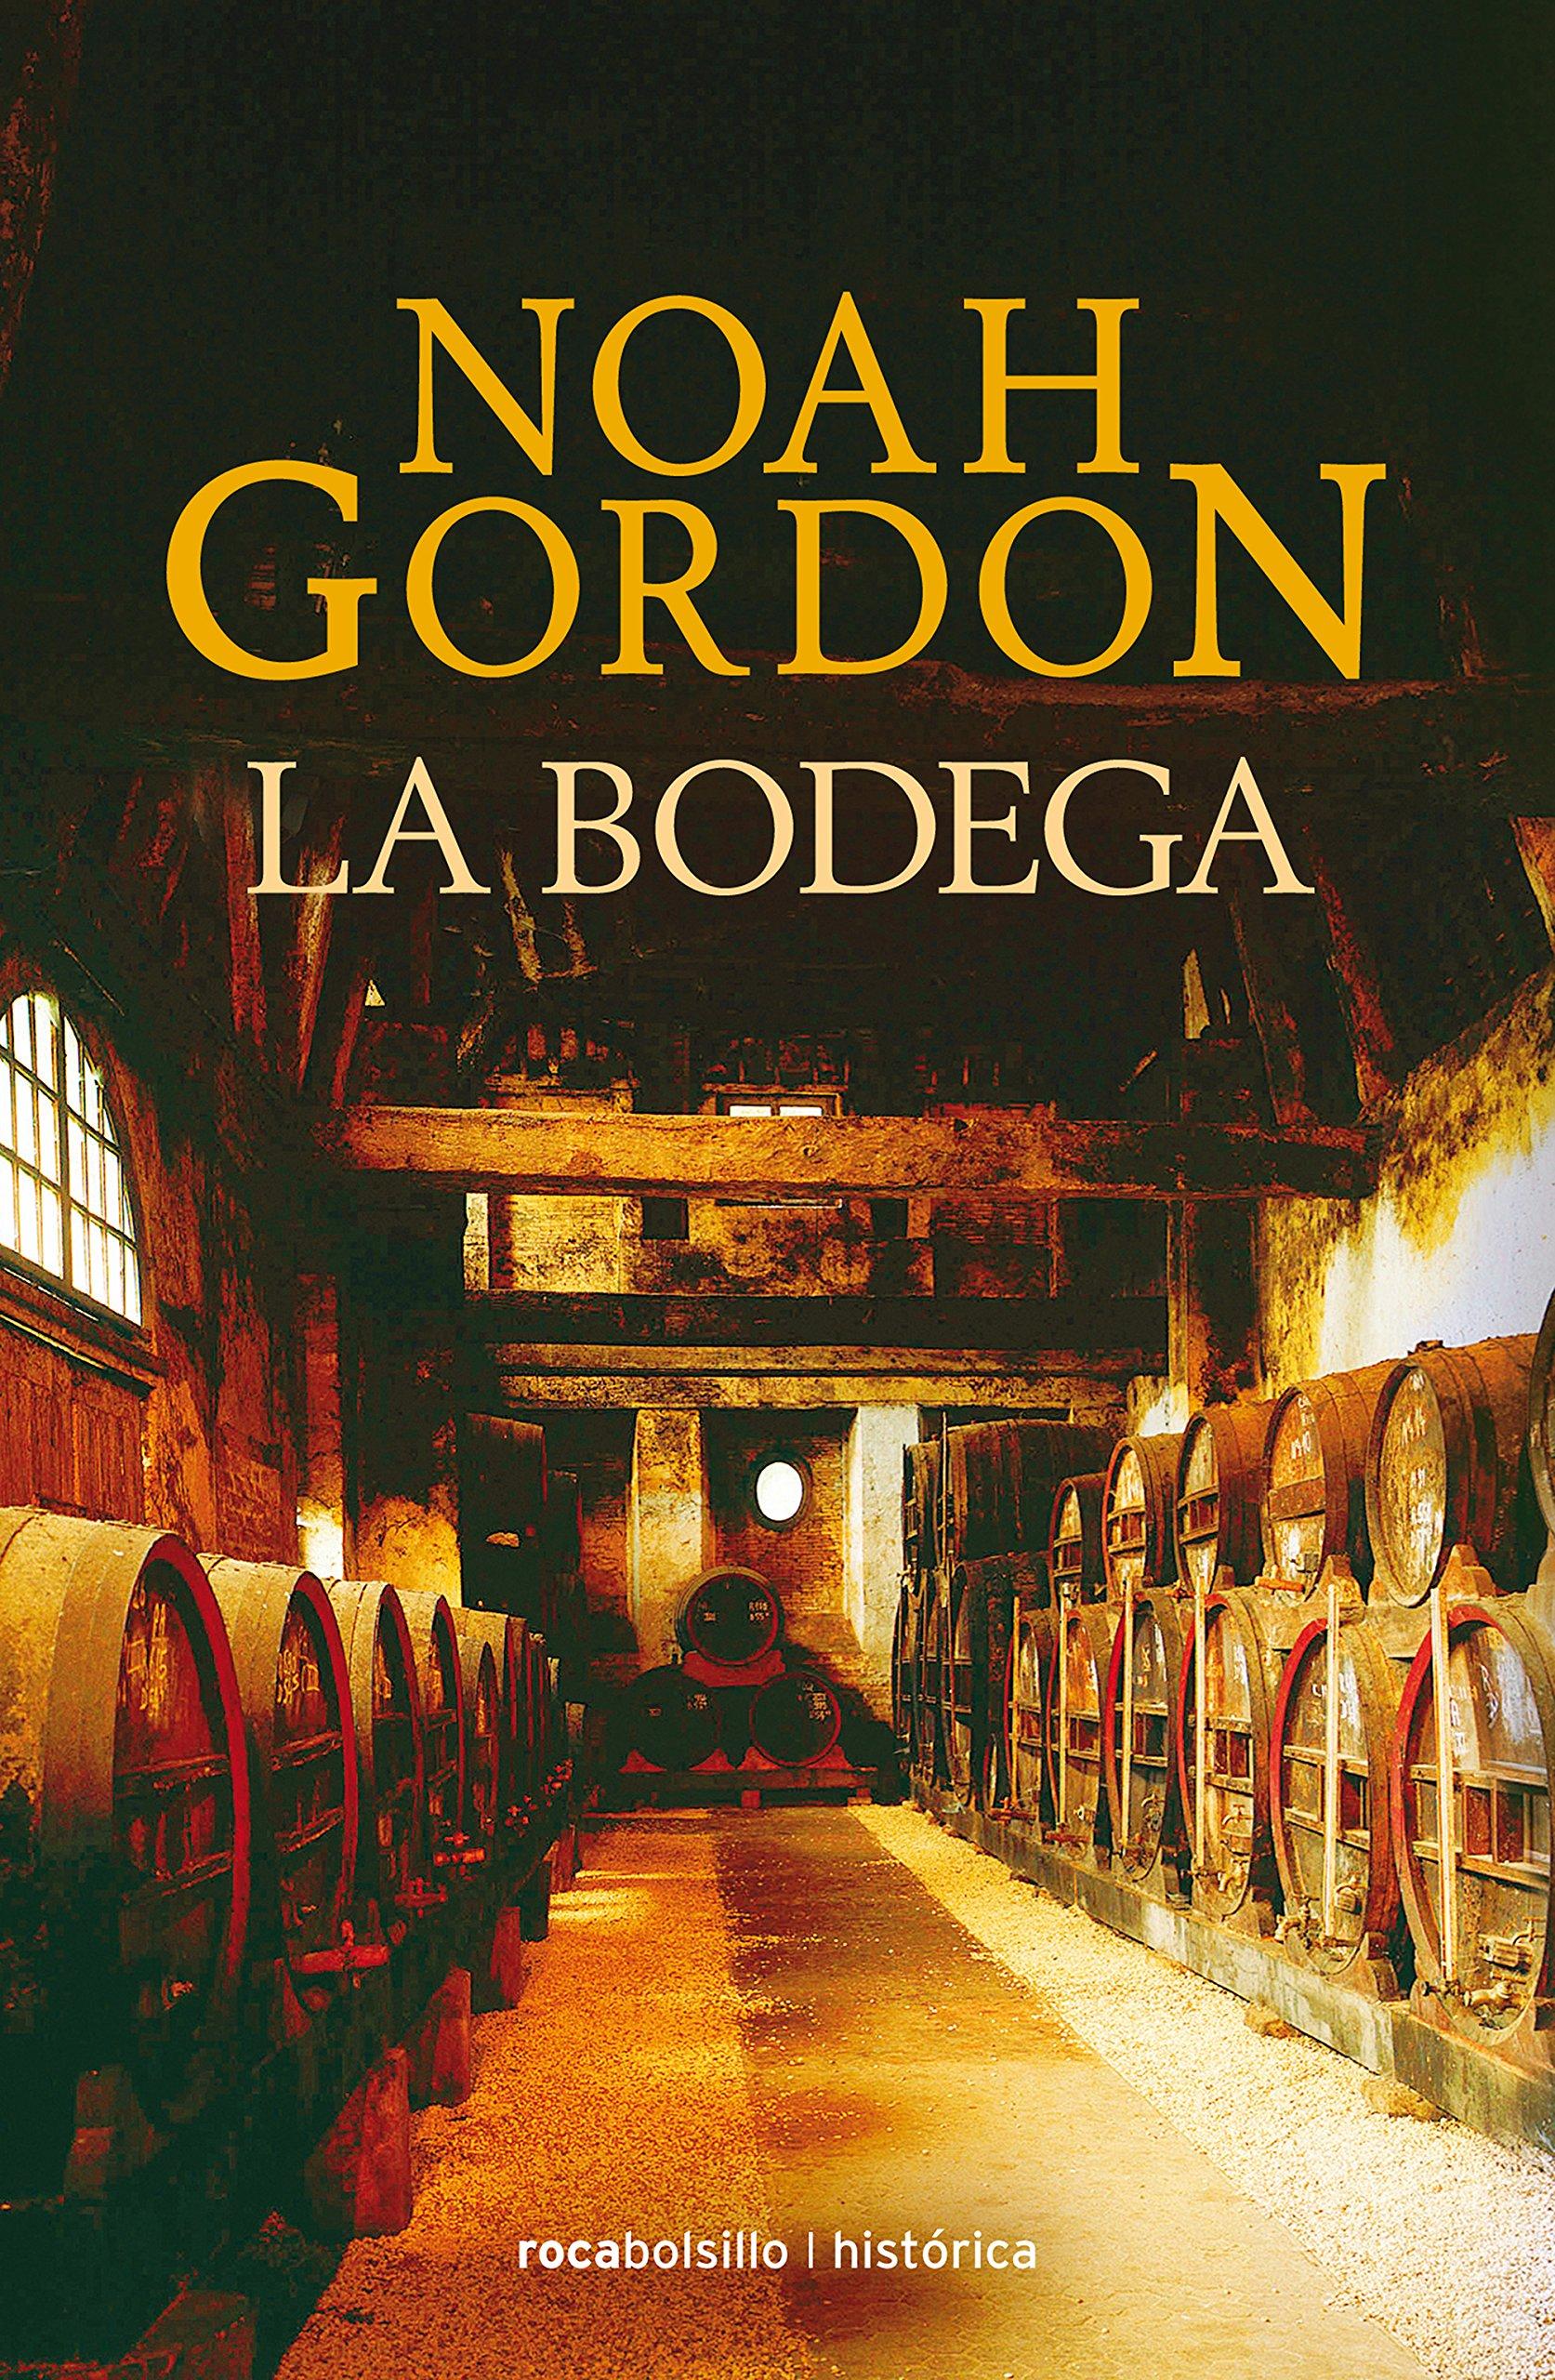 Follow the Author. Noah Gordon